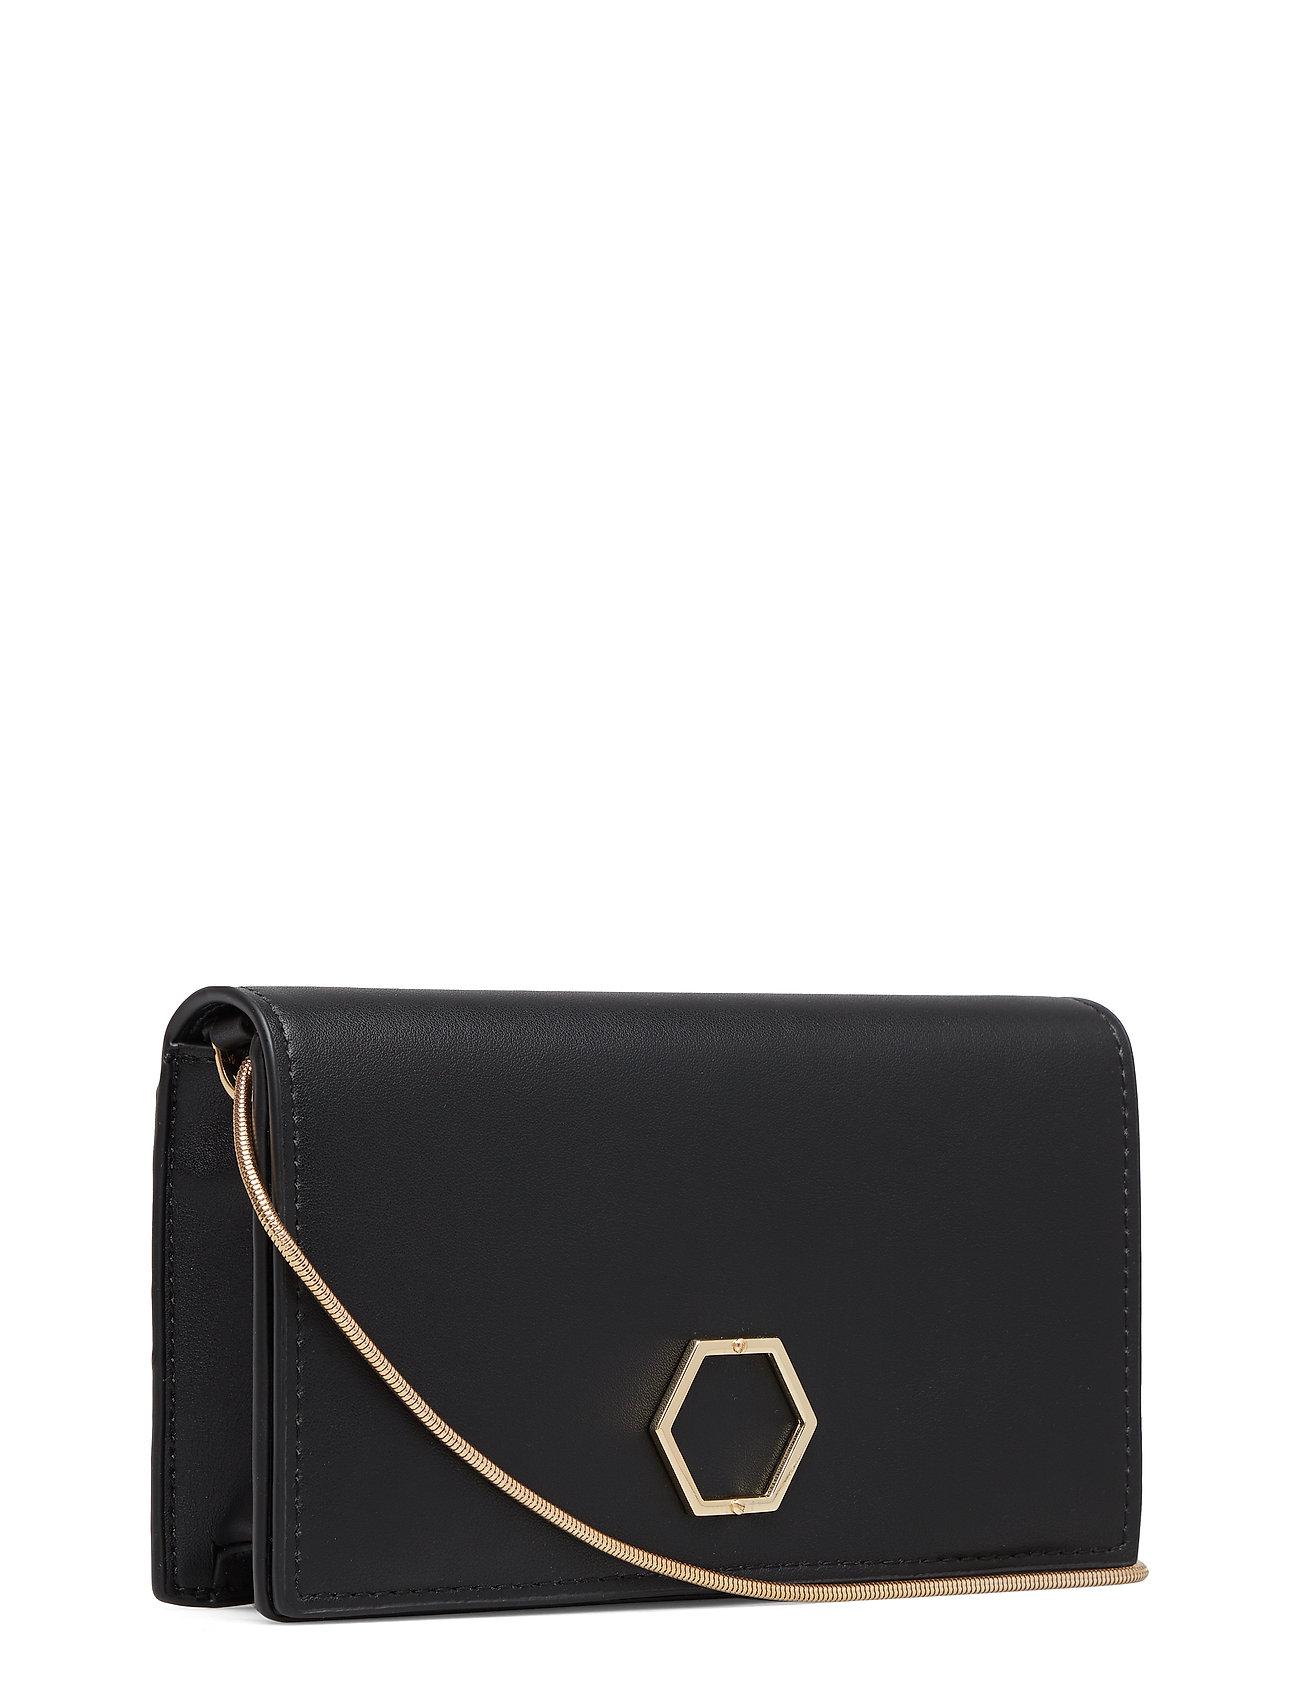 Coctail Sapphire Sapphire Bag Coctail Bag BlackblackEdblad Sapphire BlackblackEdblad Bag Coctail J5TKculF13